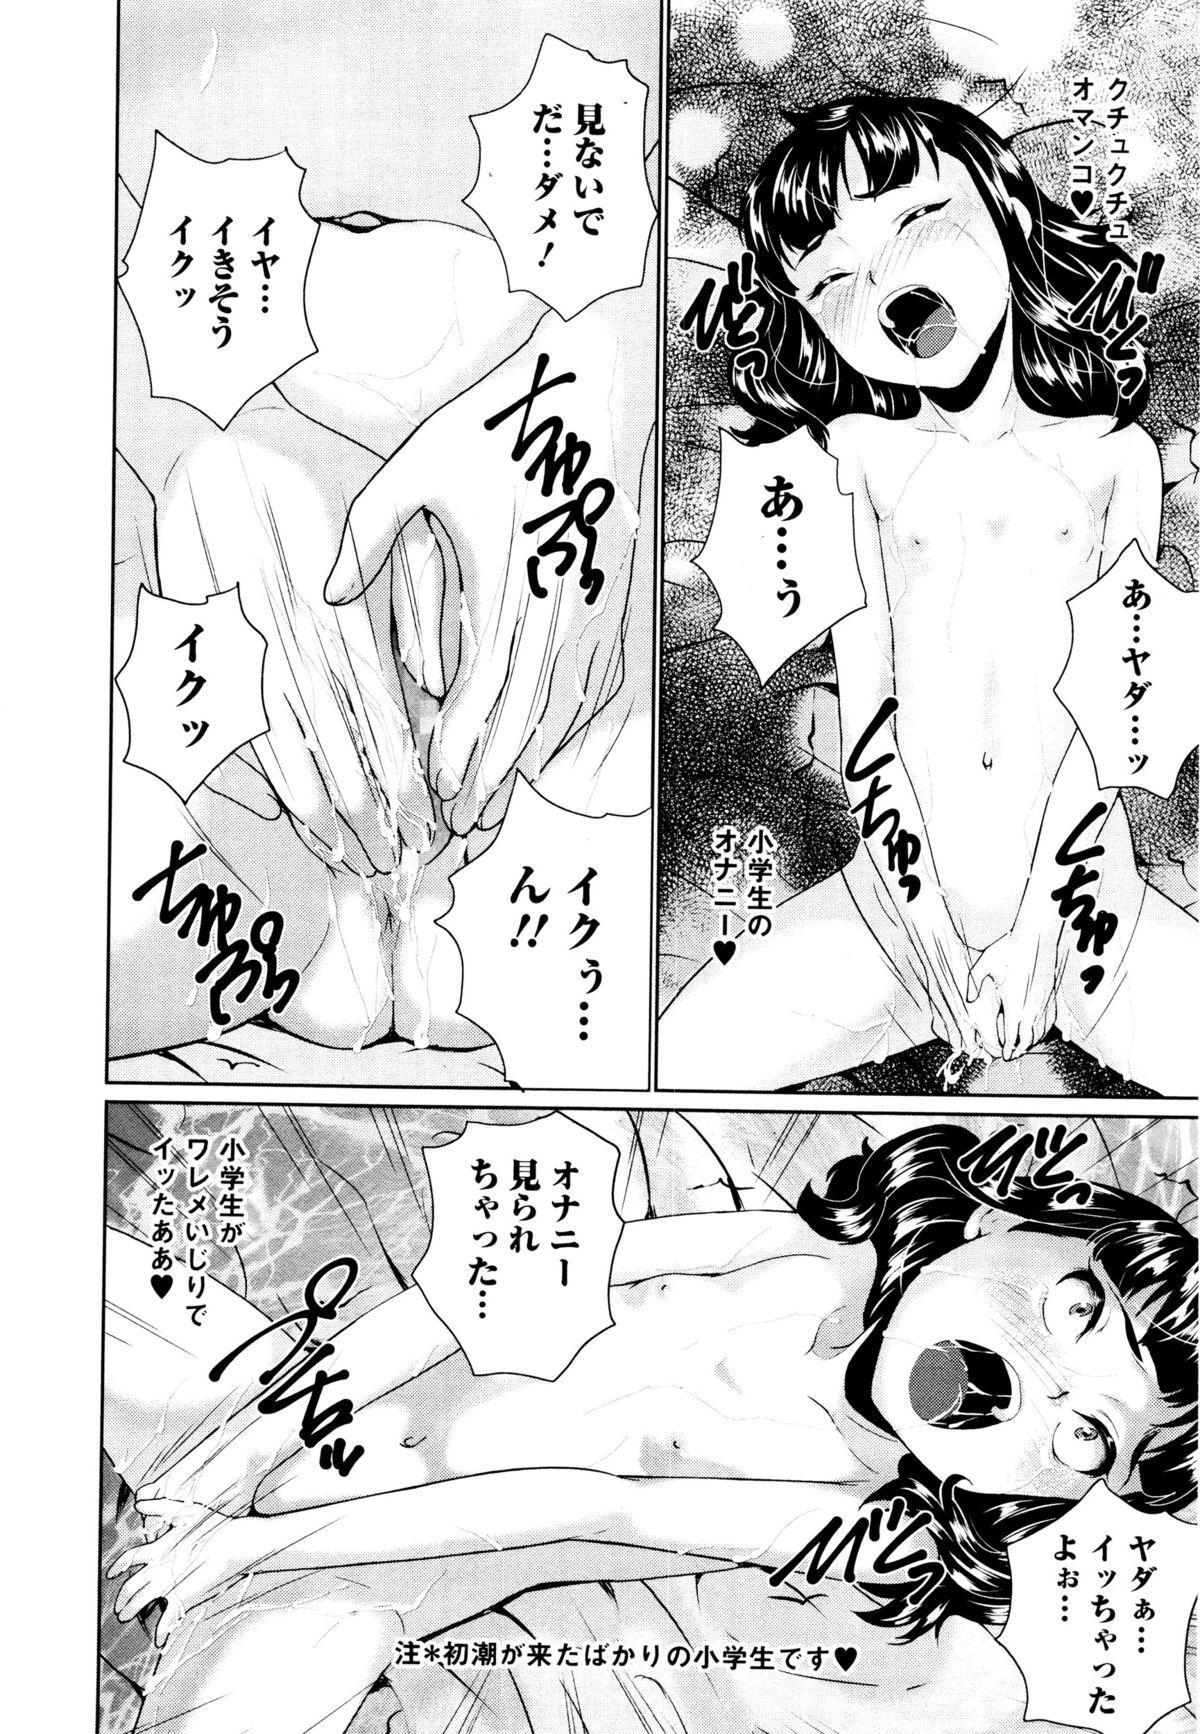 COMIC Mate Legend Vol. 7 2016-02 86